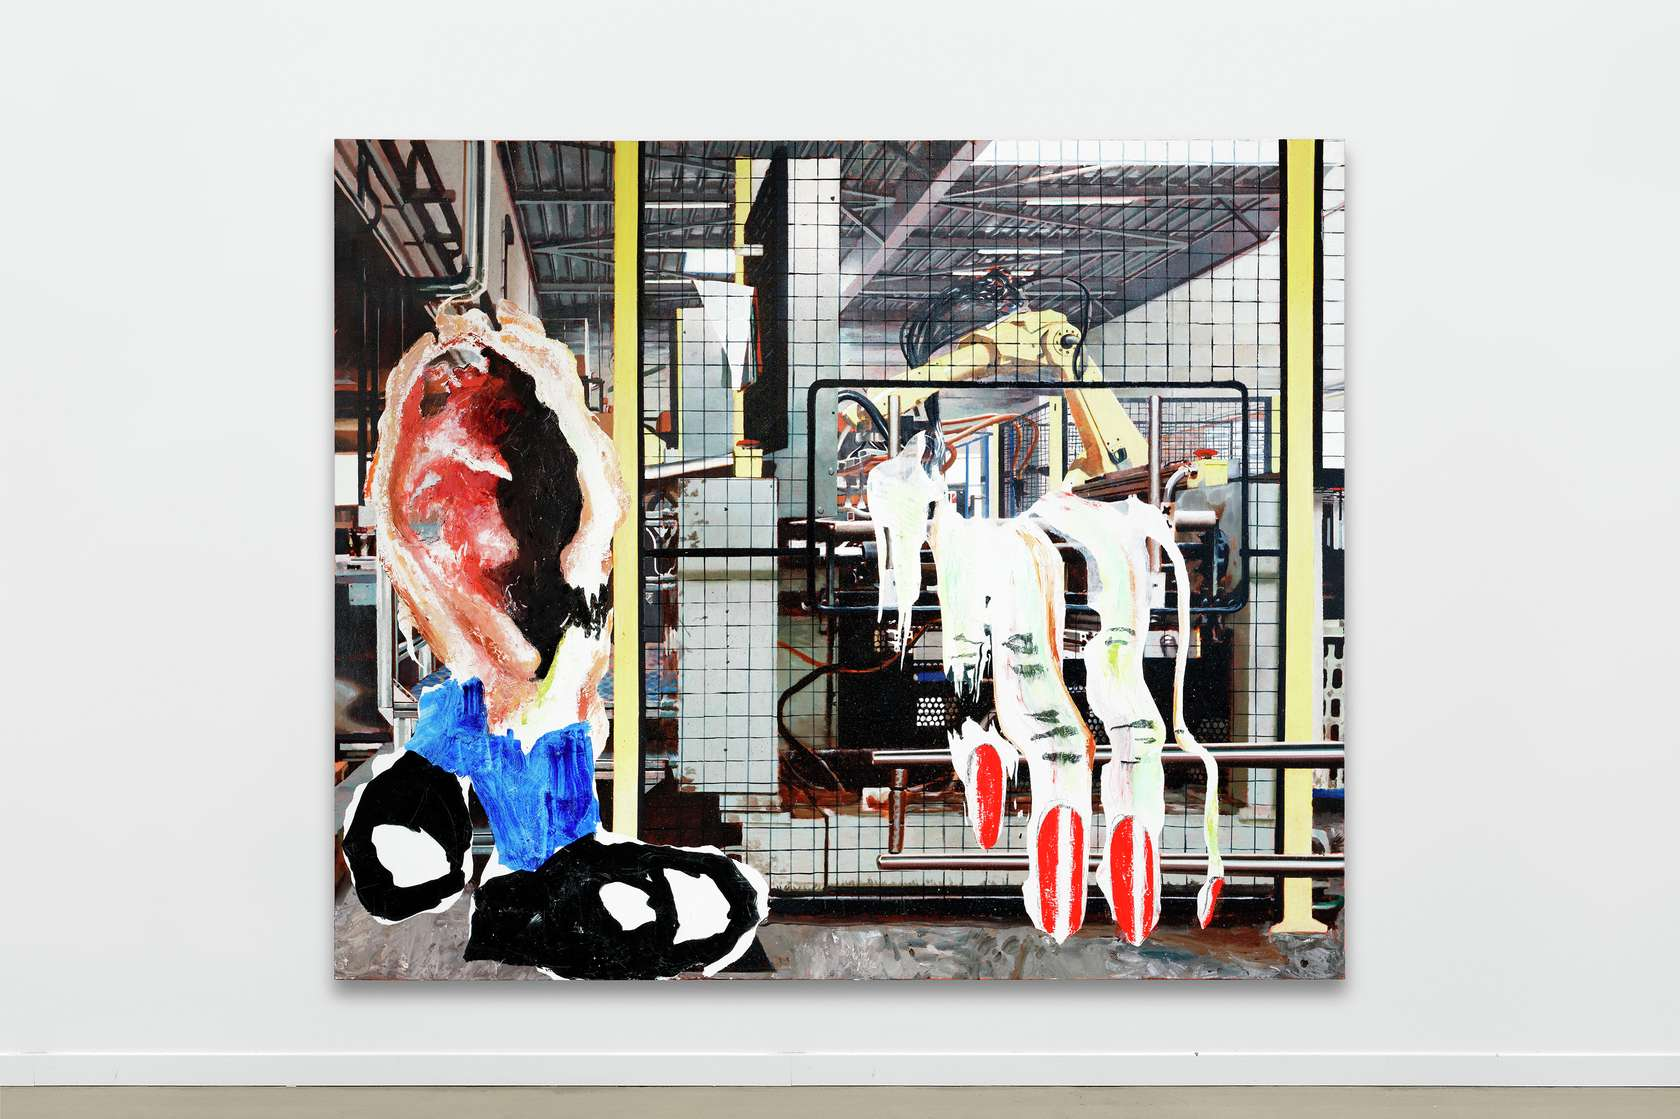 Laurent Proux, Oreille (accident), 2018 Huile sur toile240 x 200 cm / 94 1/2 x 78 6/8 inches